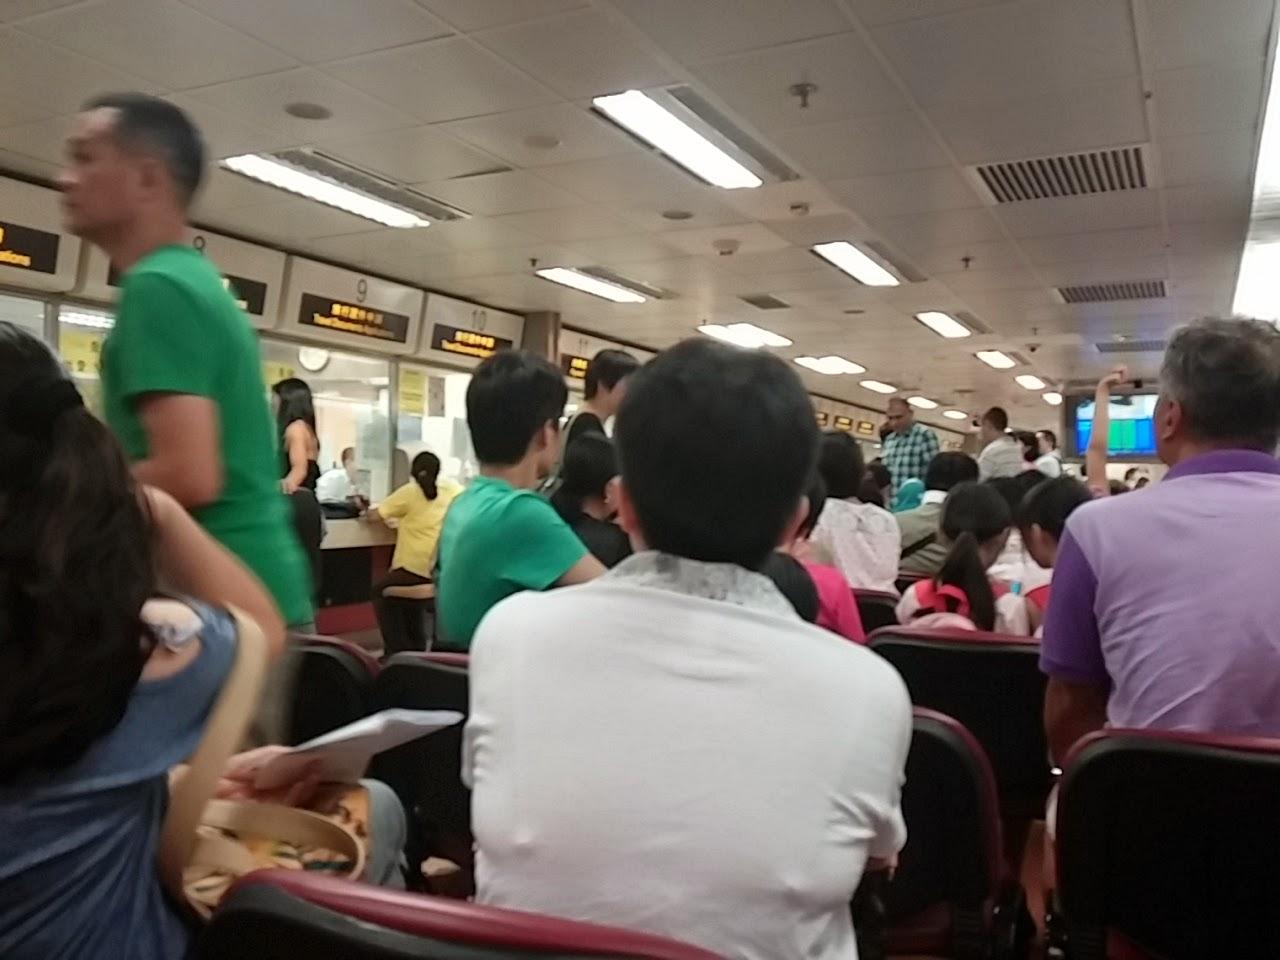 早早計劃中: 前言- 2014 新加坡之旅 (申請特區護照特快)